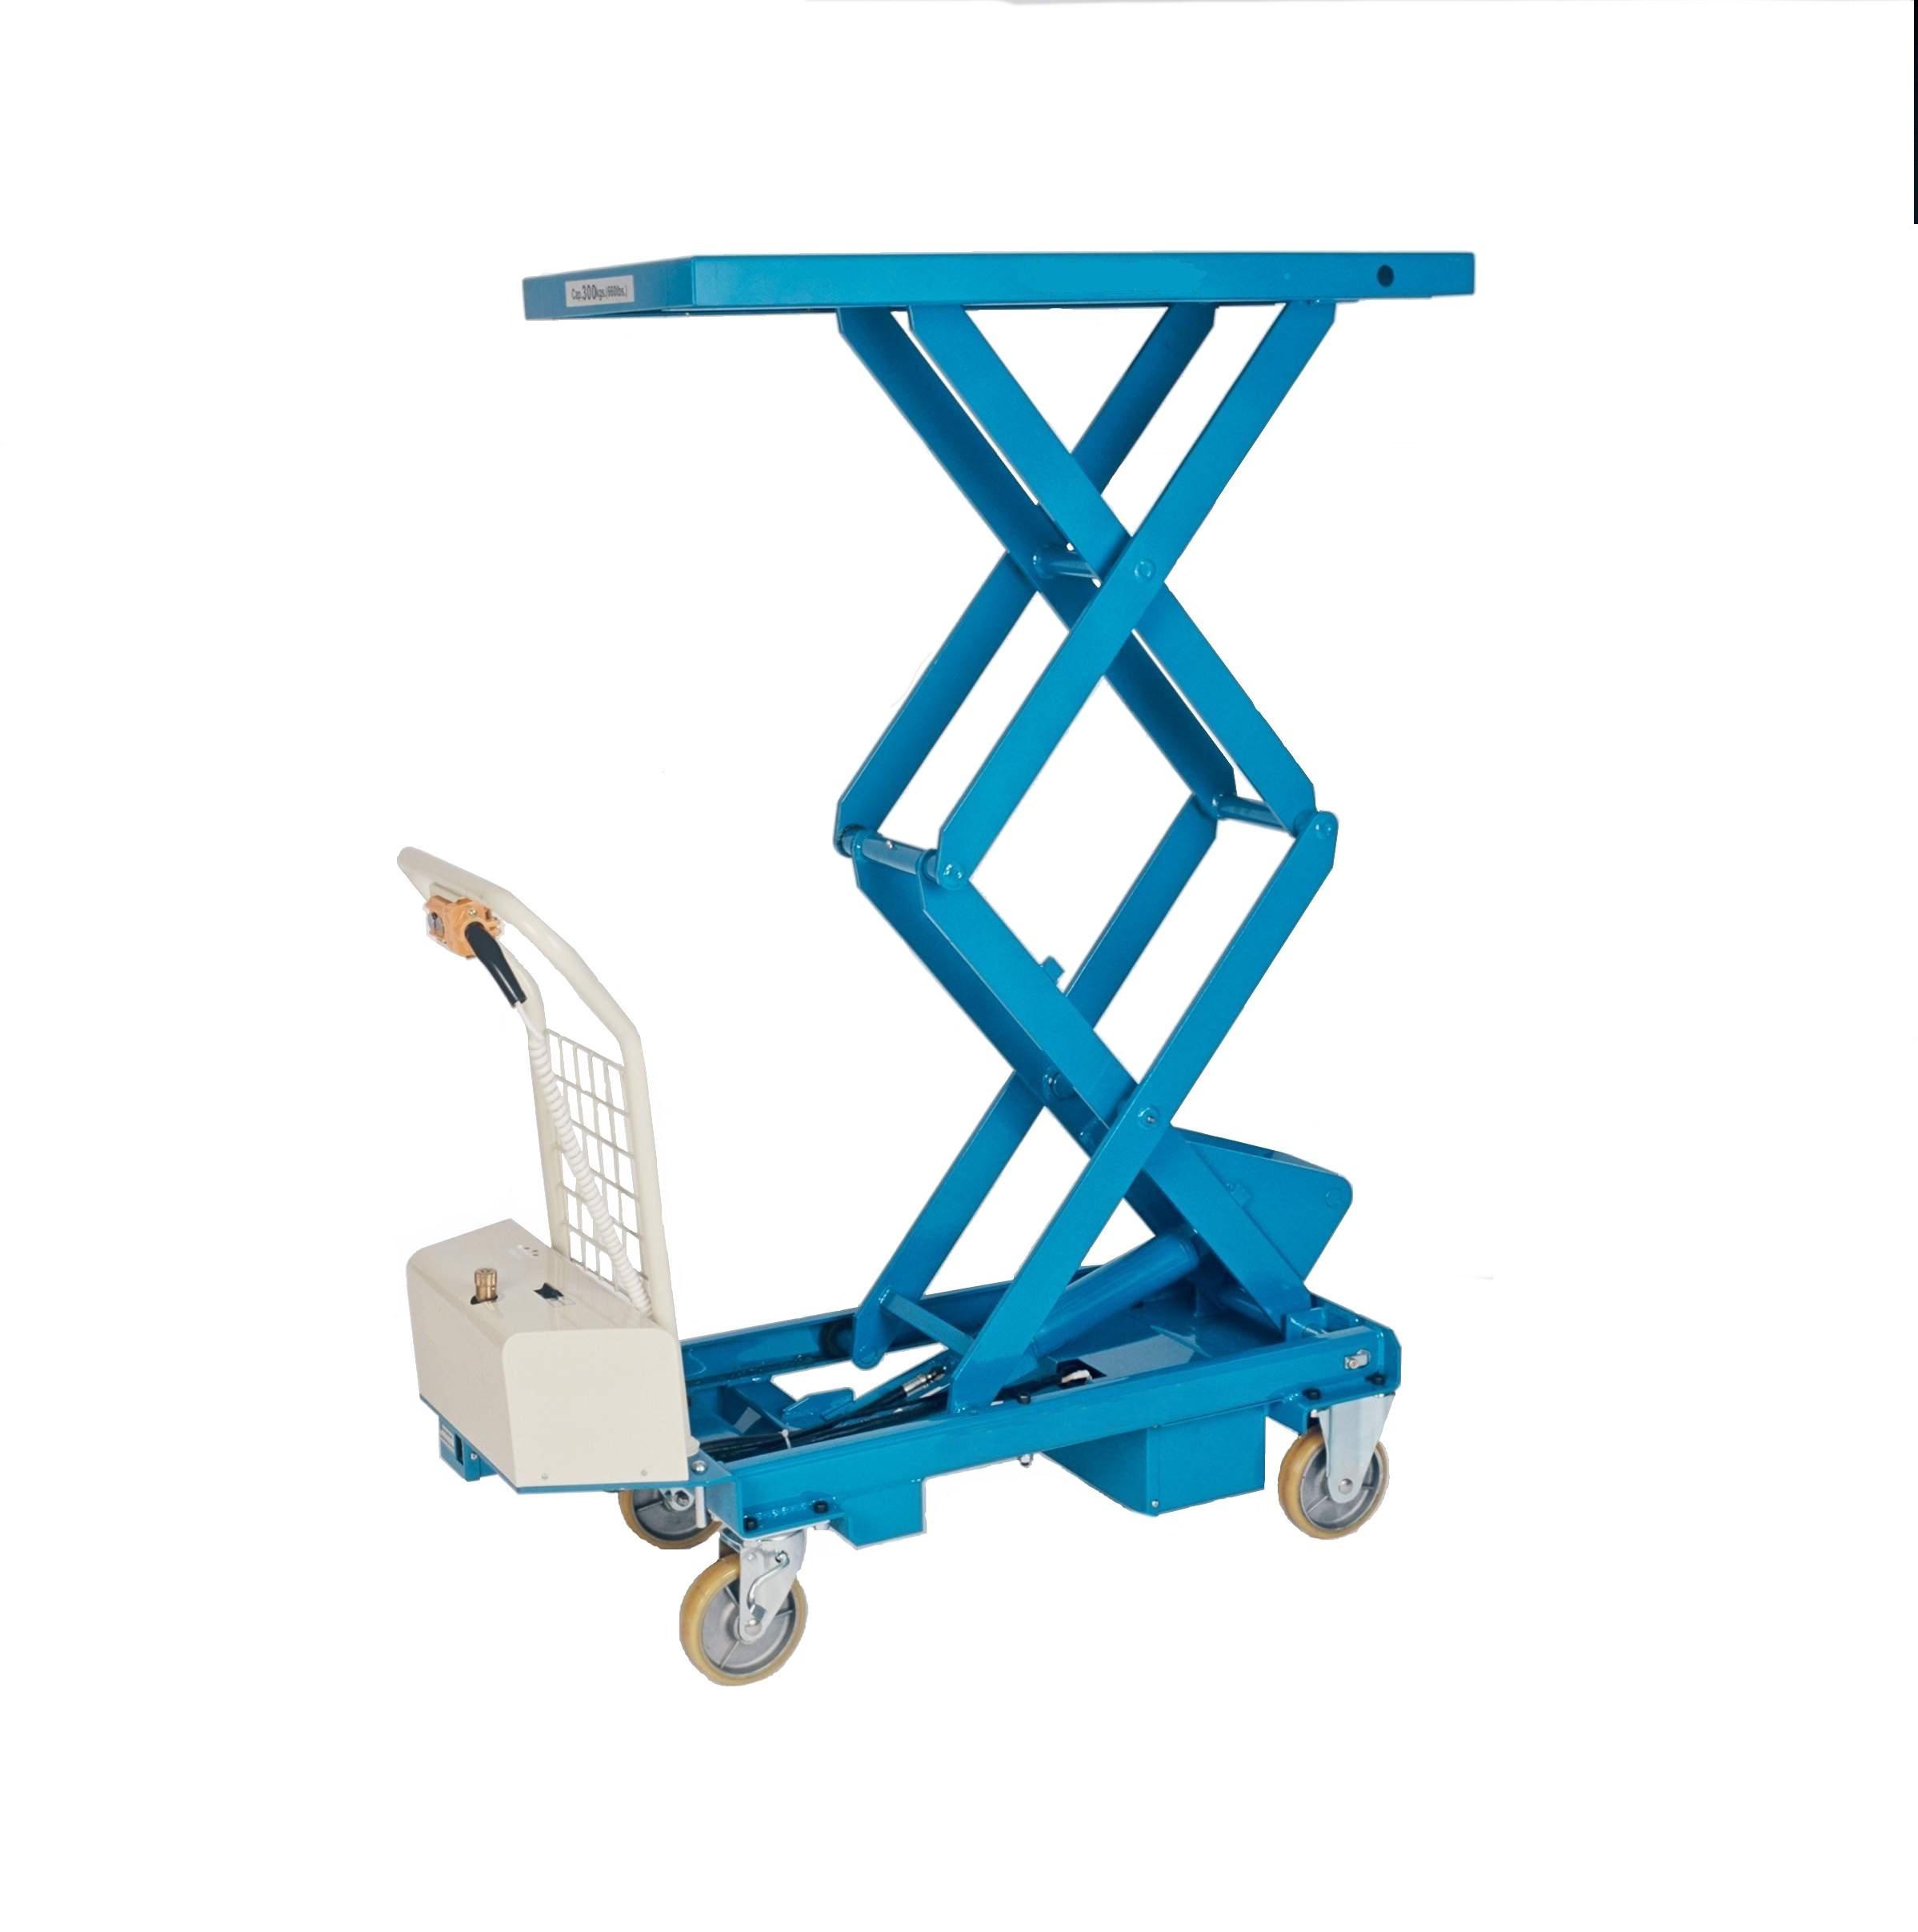 Fahrbarer Hubtisch mit Doppelschere